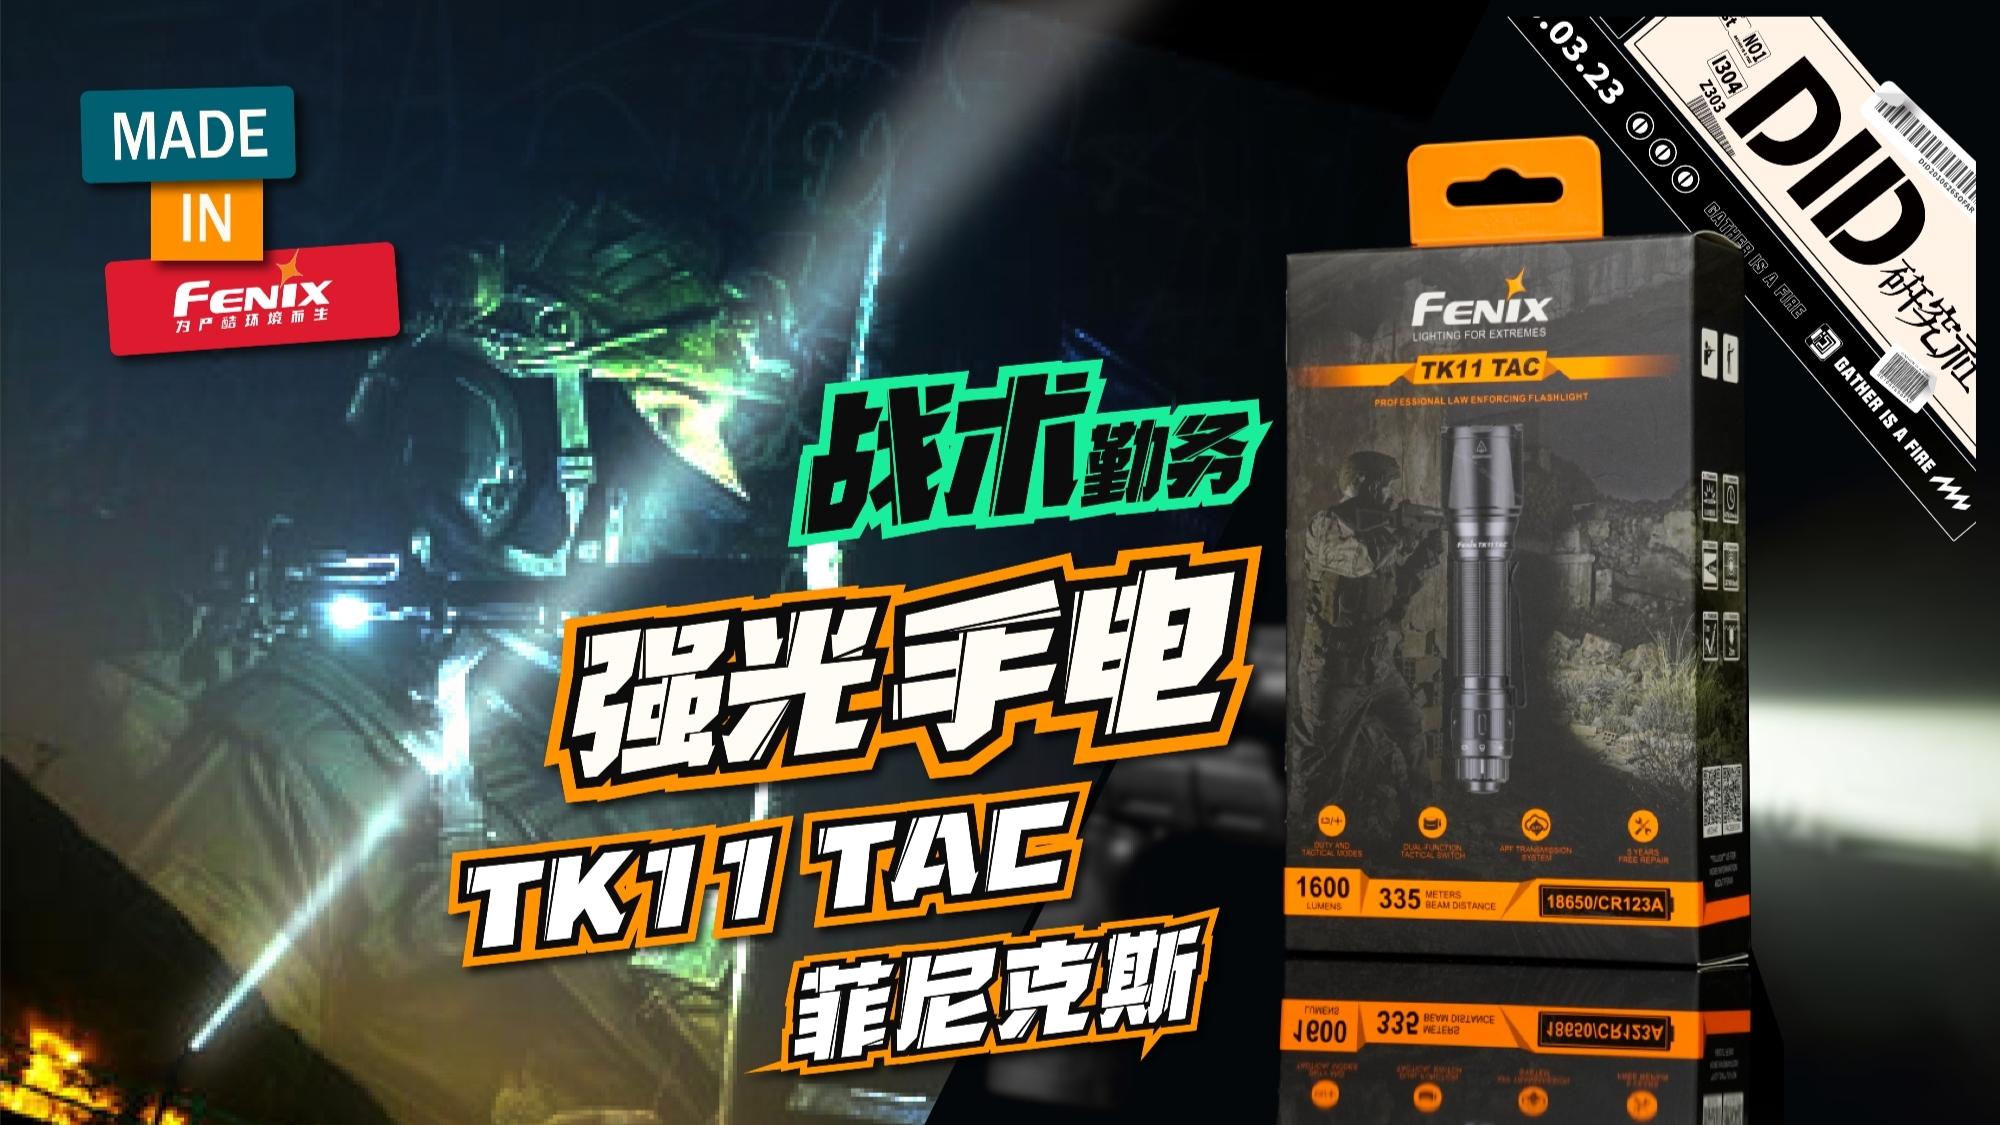 战术/勤务双模式,菲尼克斯Fenix TK11 TAC简单易用的强光手电筒【番外04】